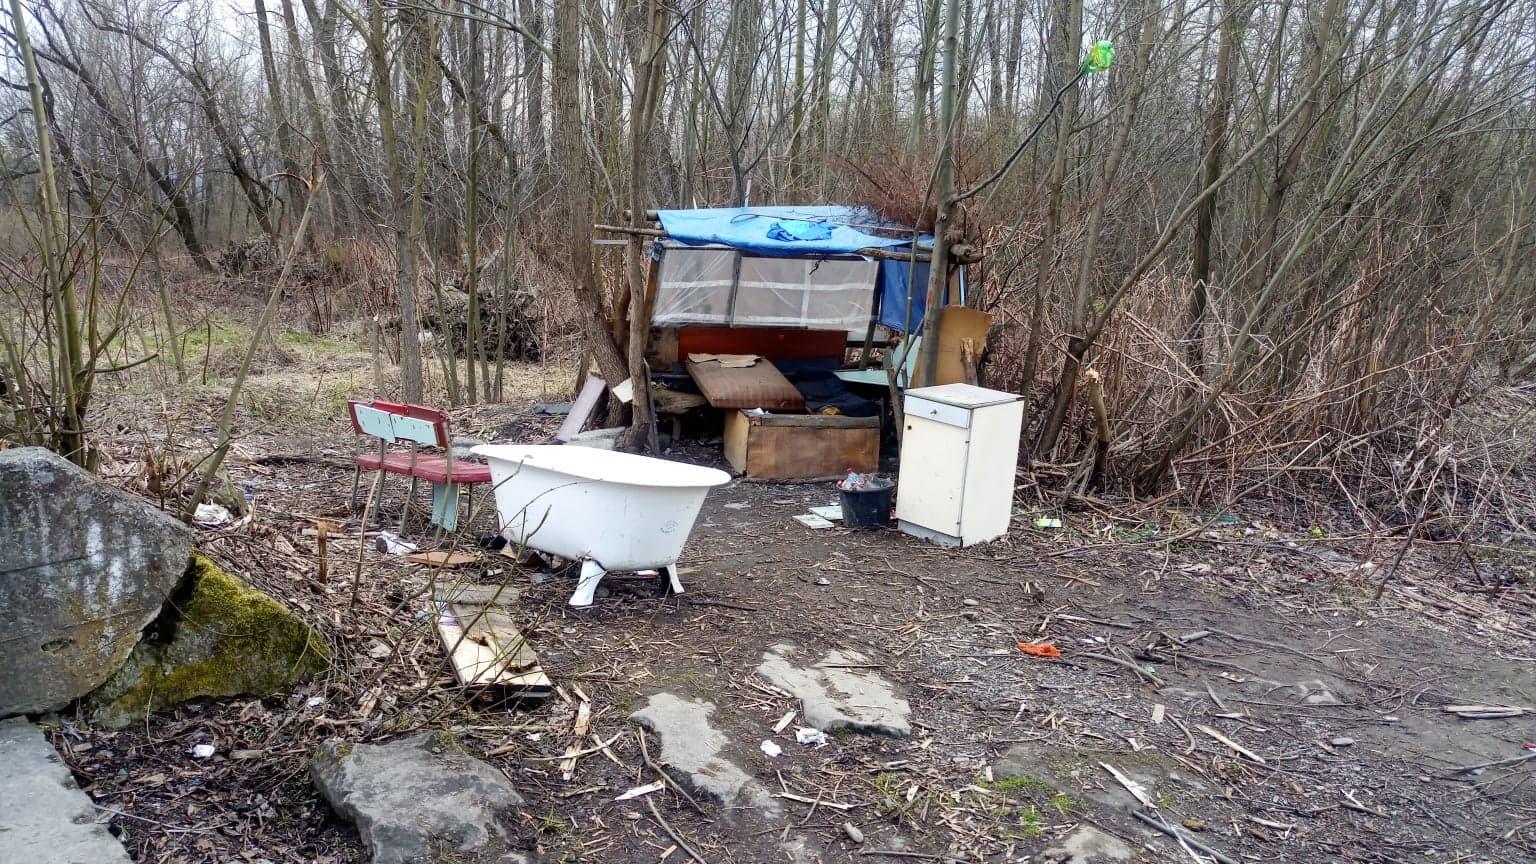 Dziwna konstrukcja, śmieci nad rzeką i w jej okolicach